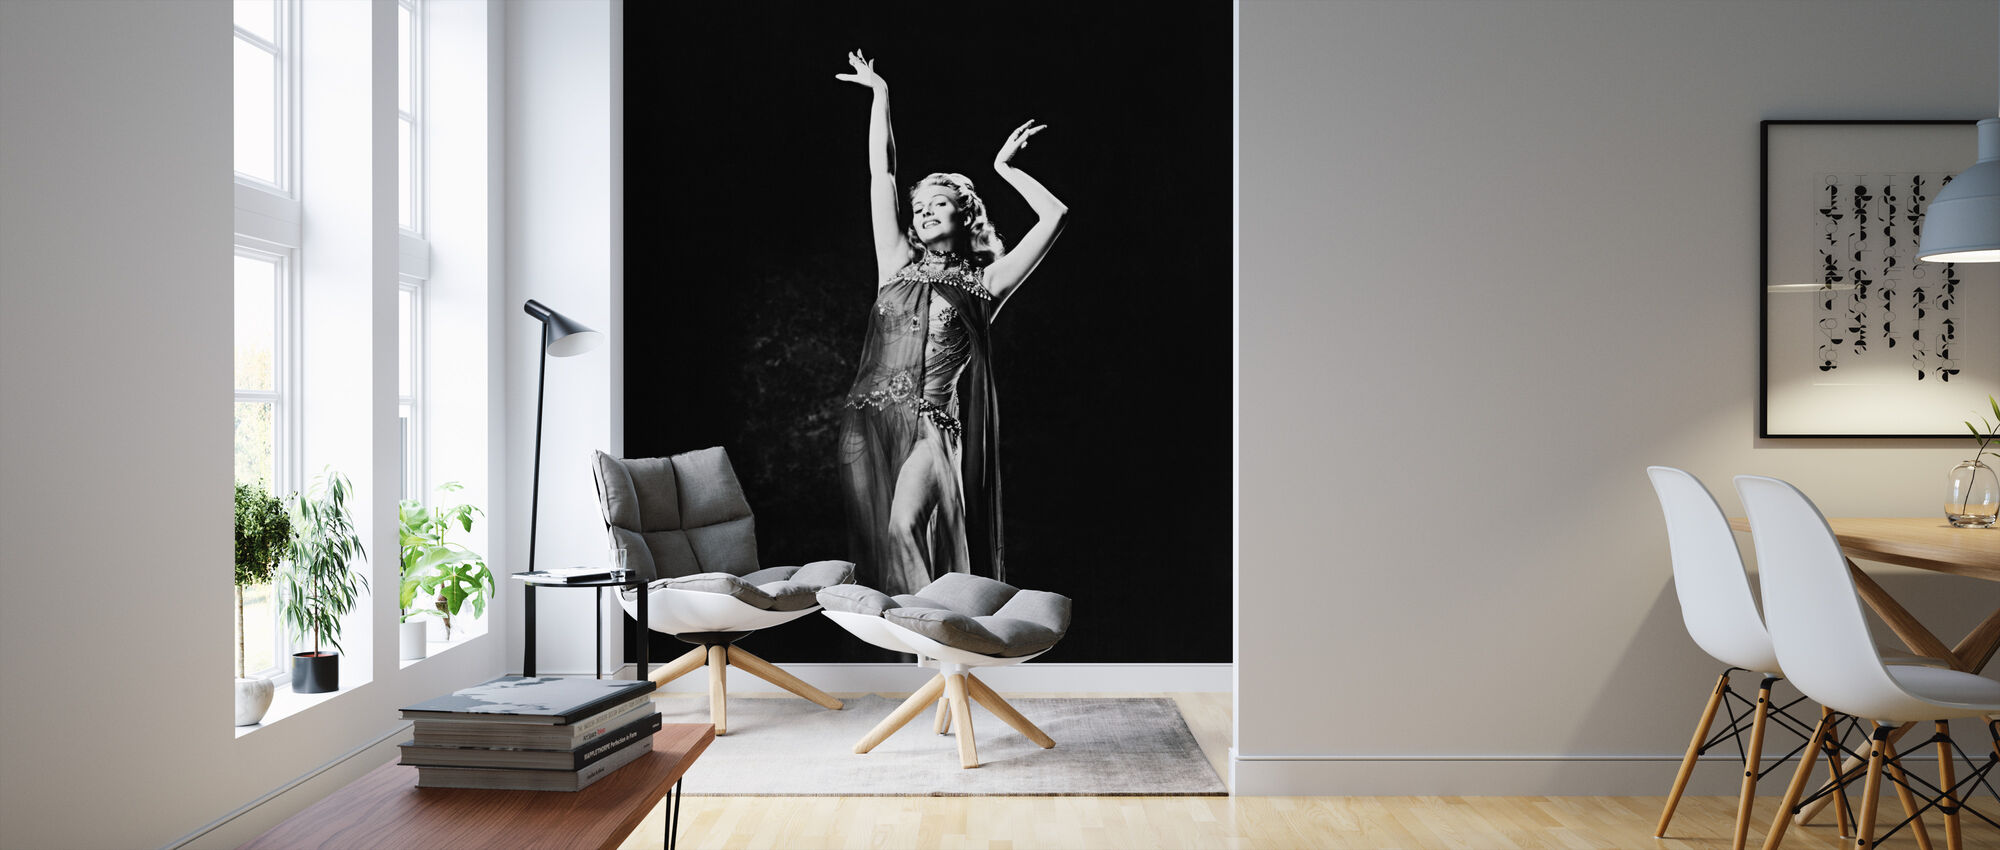 Rita Hayworth in Salome de dans van de zeven sluiers - Behang - Woonkamer